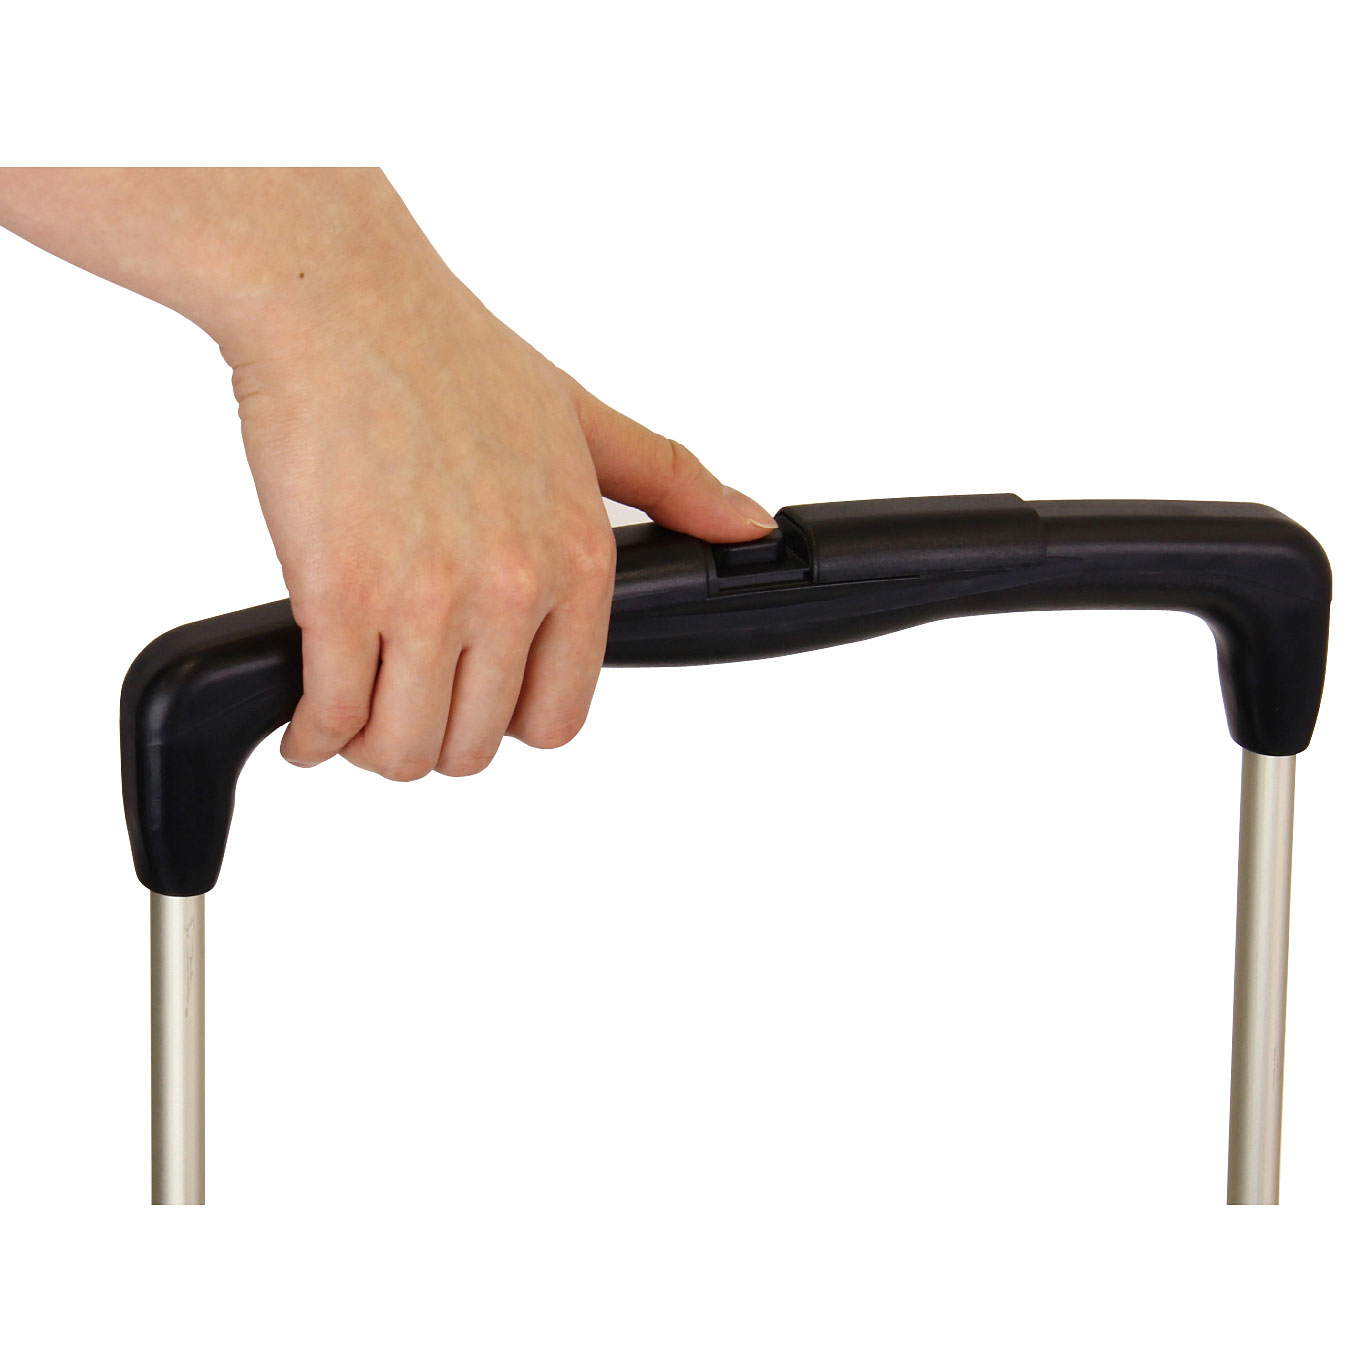 手元でできる高さ調節。手元のボタンを押すだけで簡単に高さが調節できます。